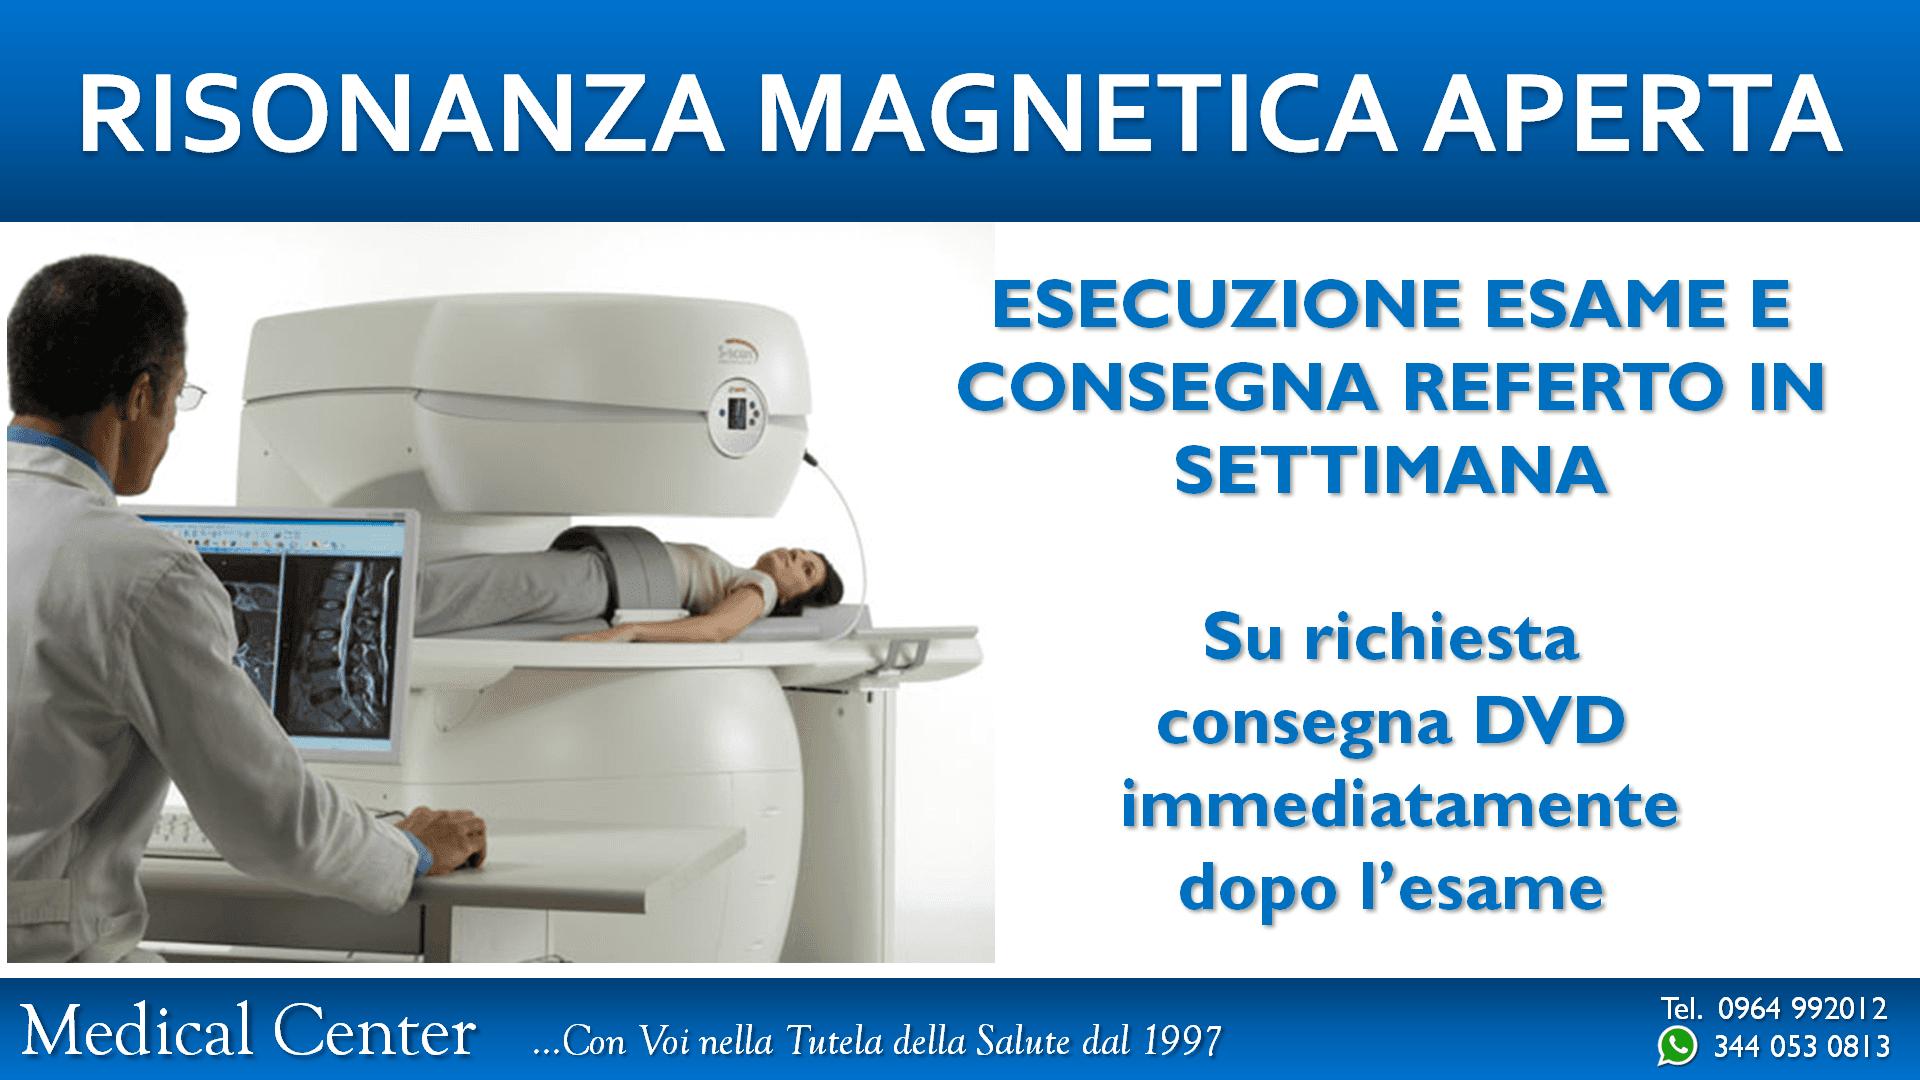 medico controlla risonanza magnetica in corso da un monitor